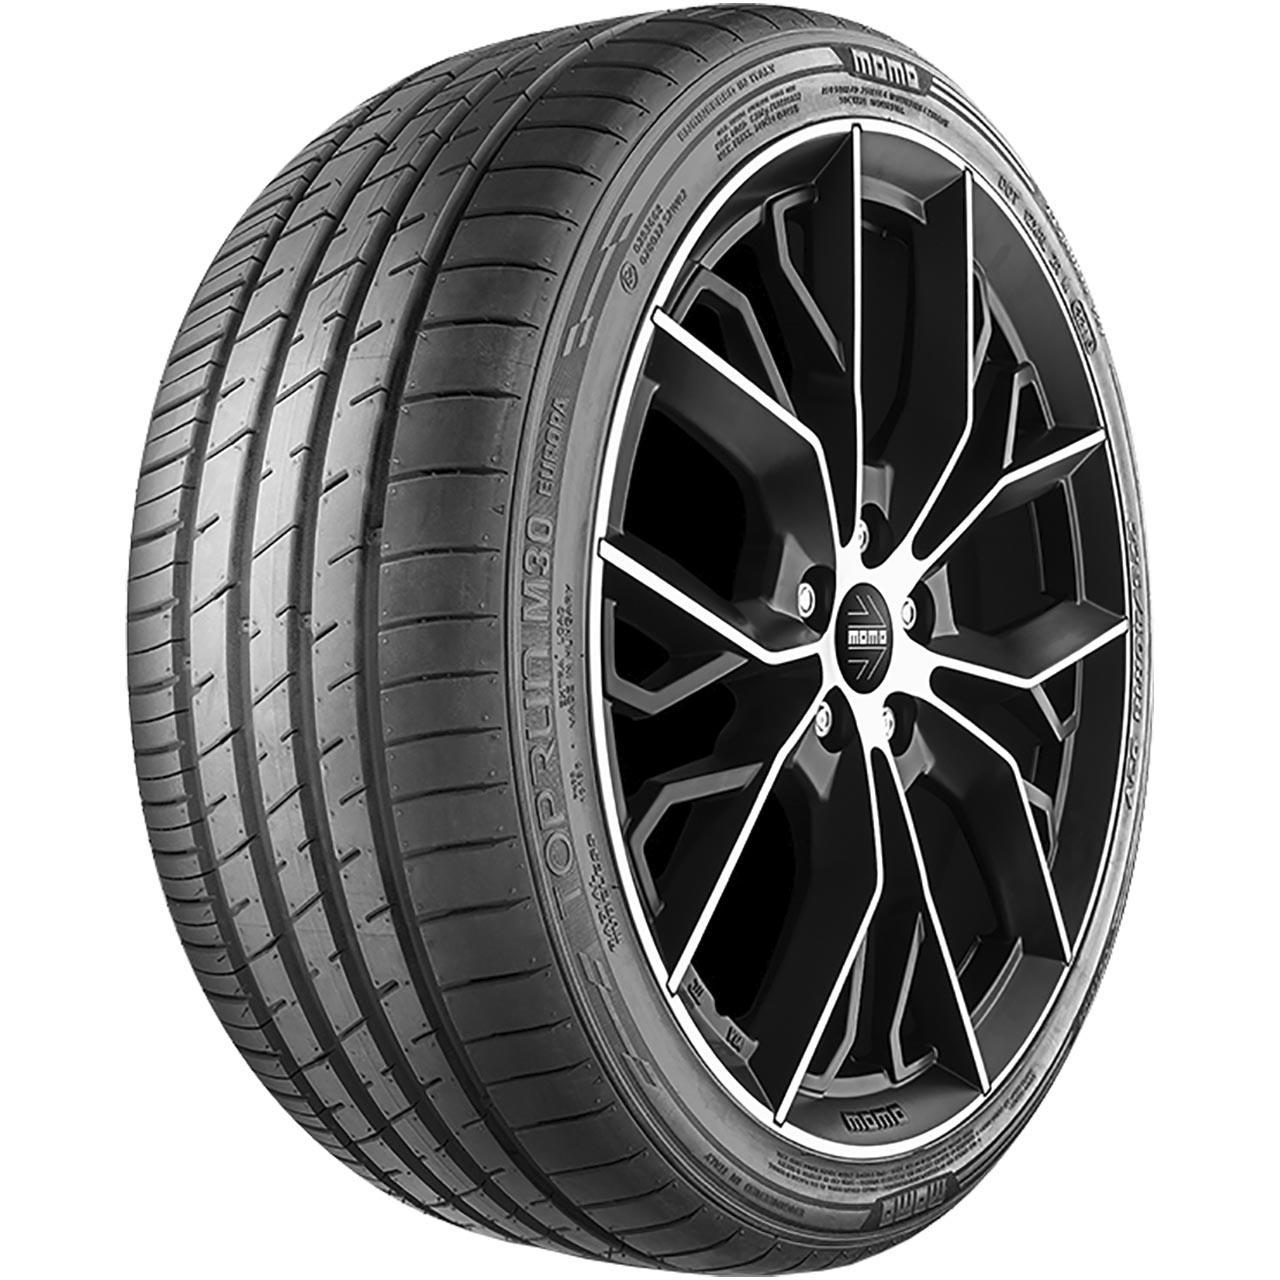 Momo Tire M 30 Europa 225/45R17 94Y XL